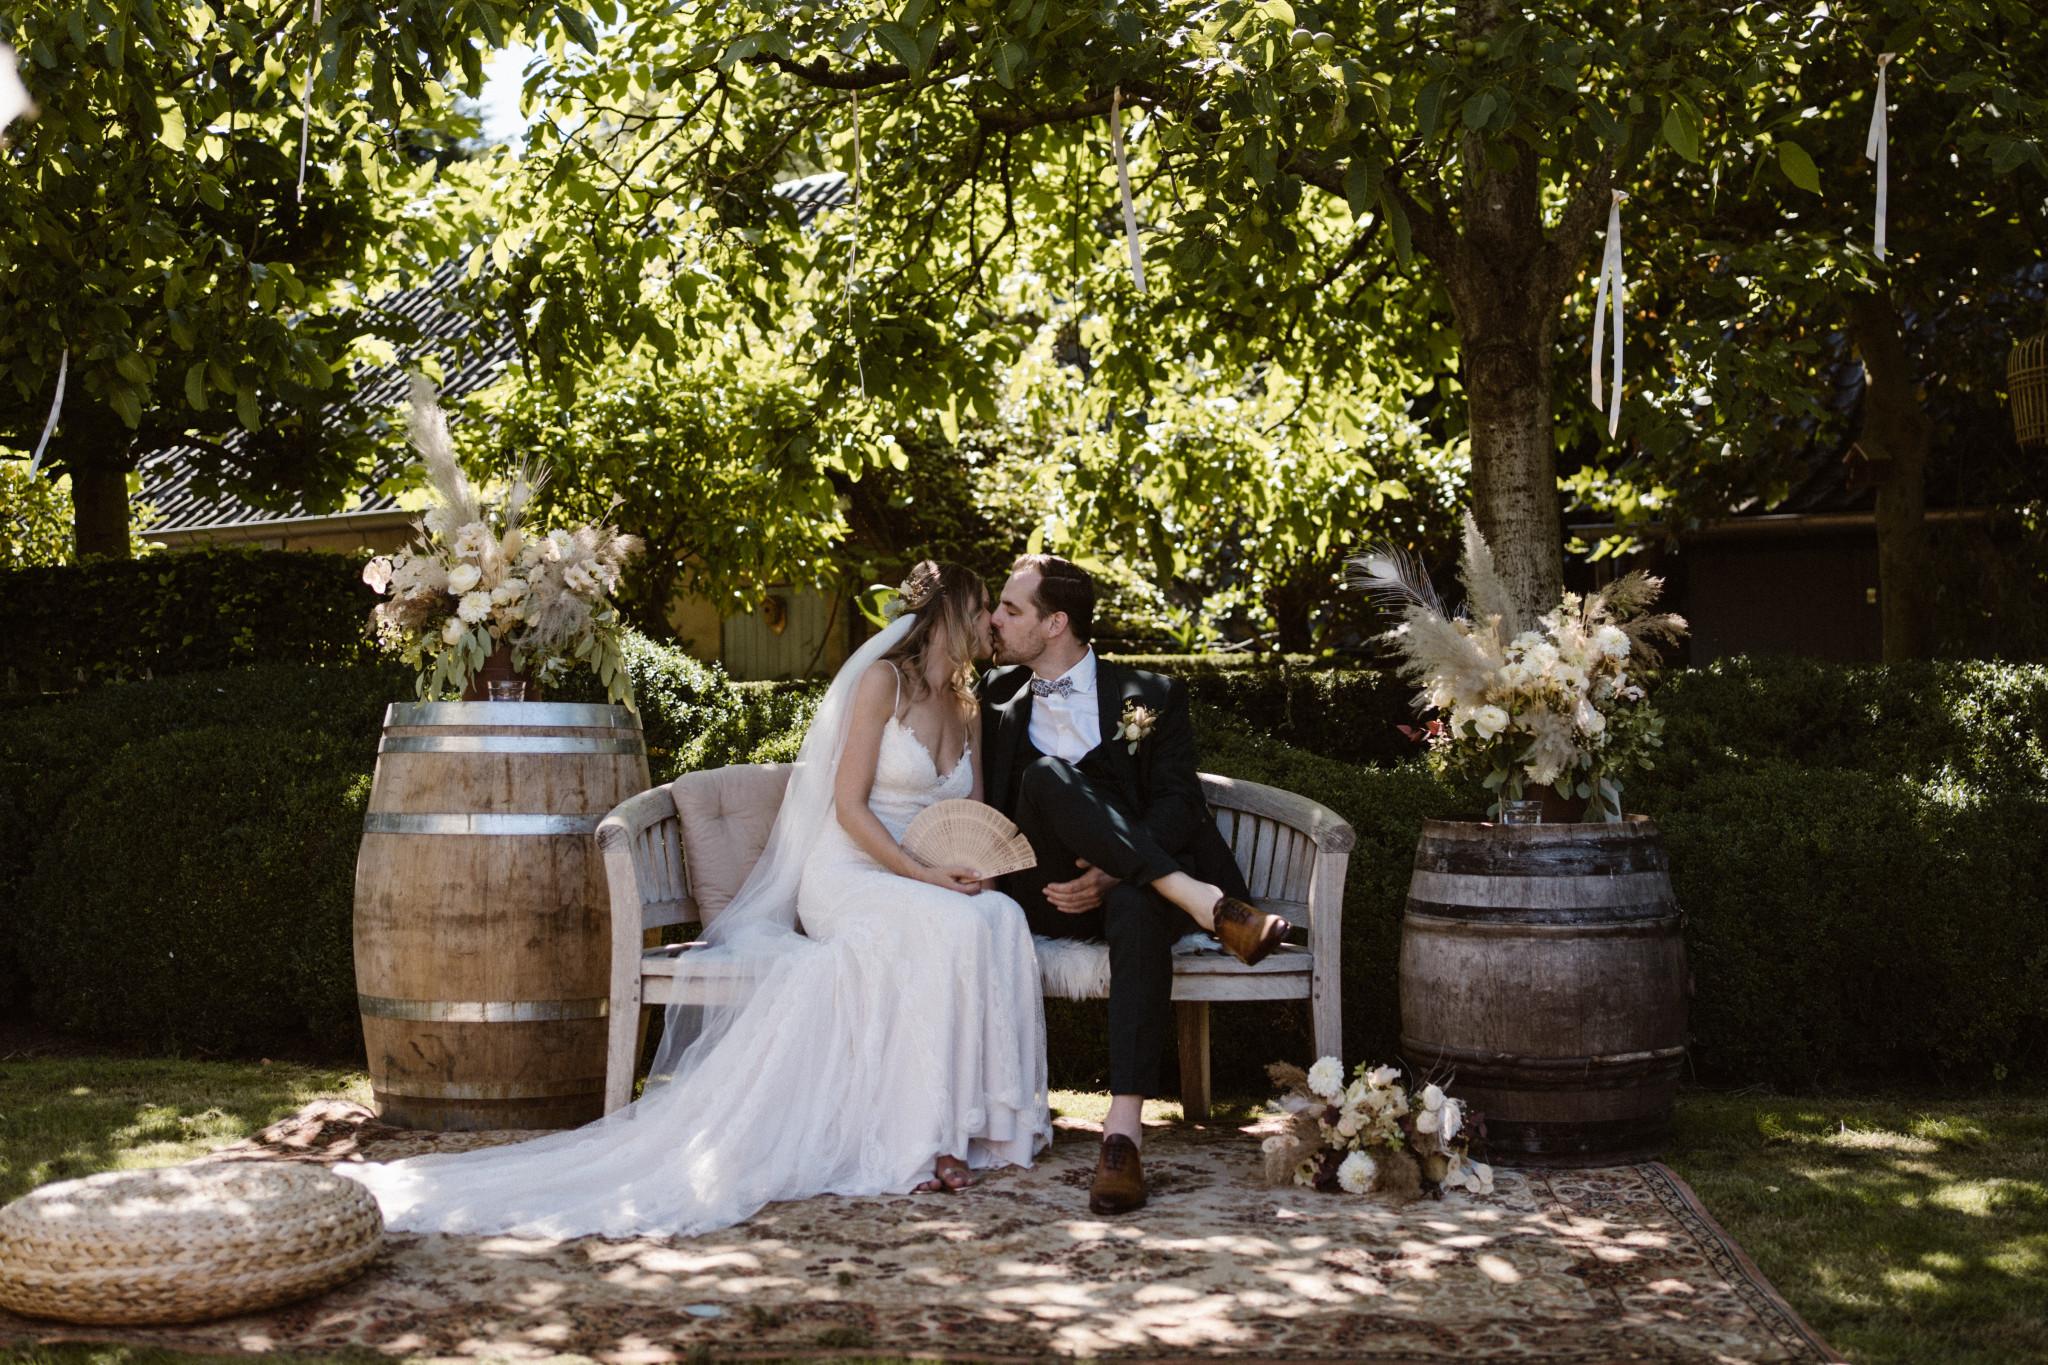 Buiten trouwen   Trouwen in de zomer   Trouwceremonie